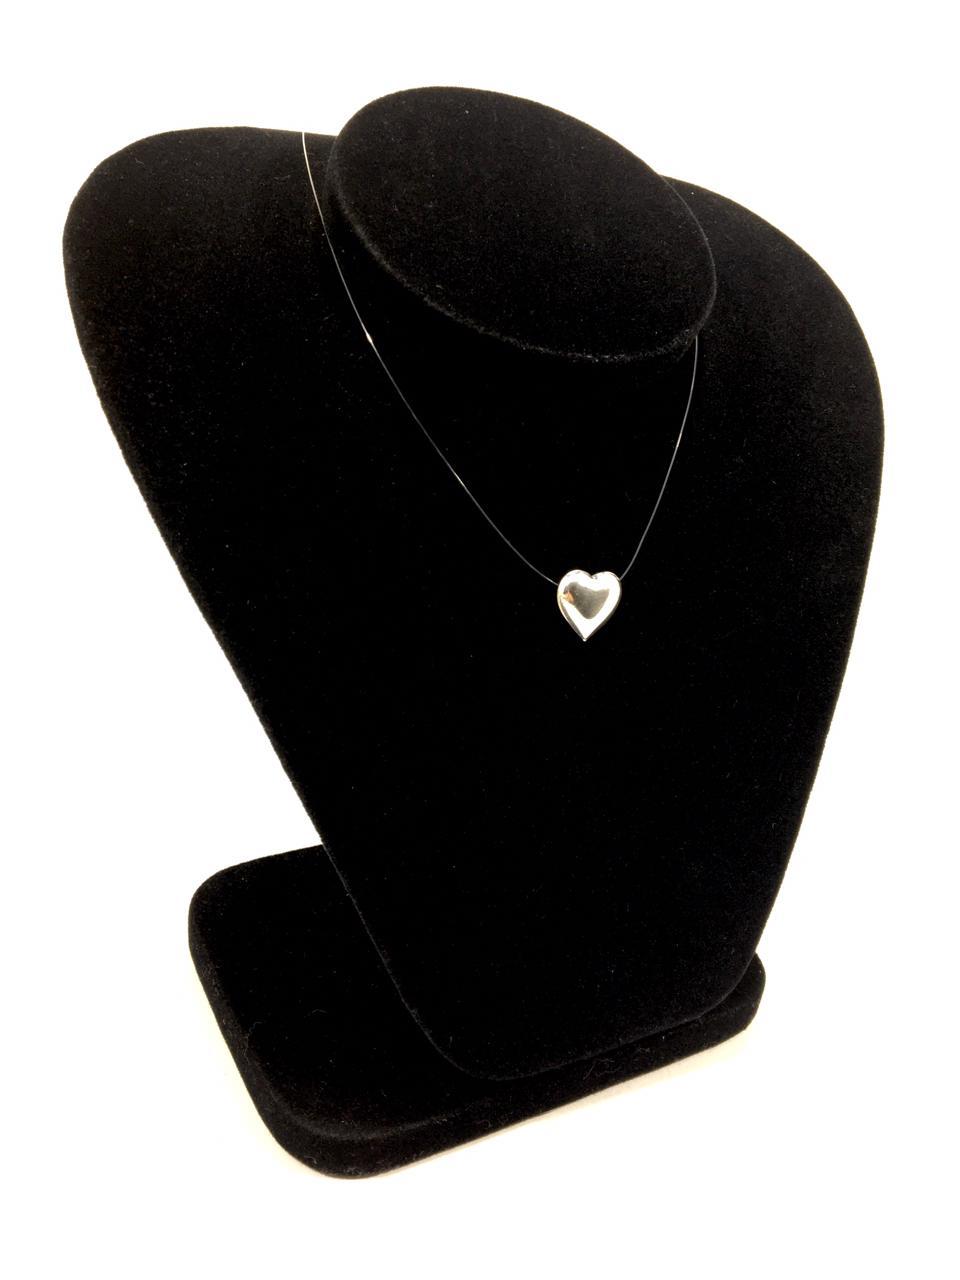 Gargantilha de Nylon 40 cm com Pingente de Coração em Prata 925